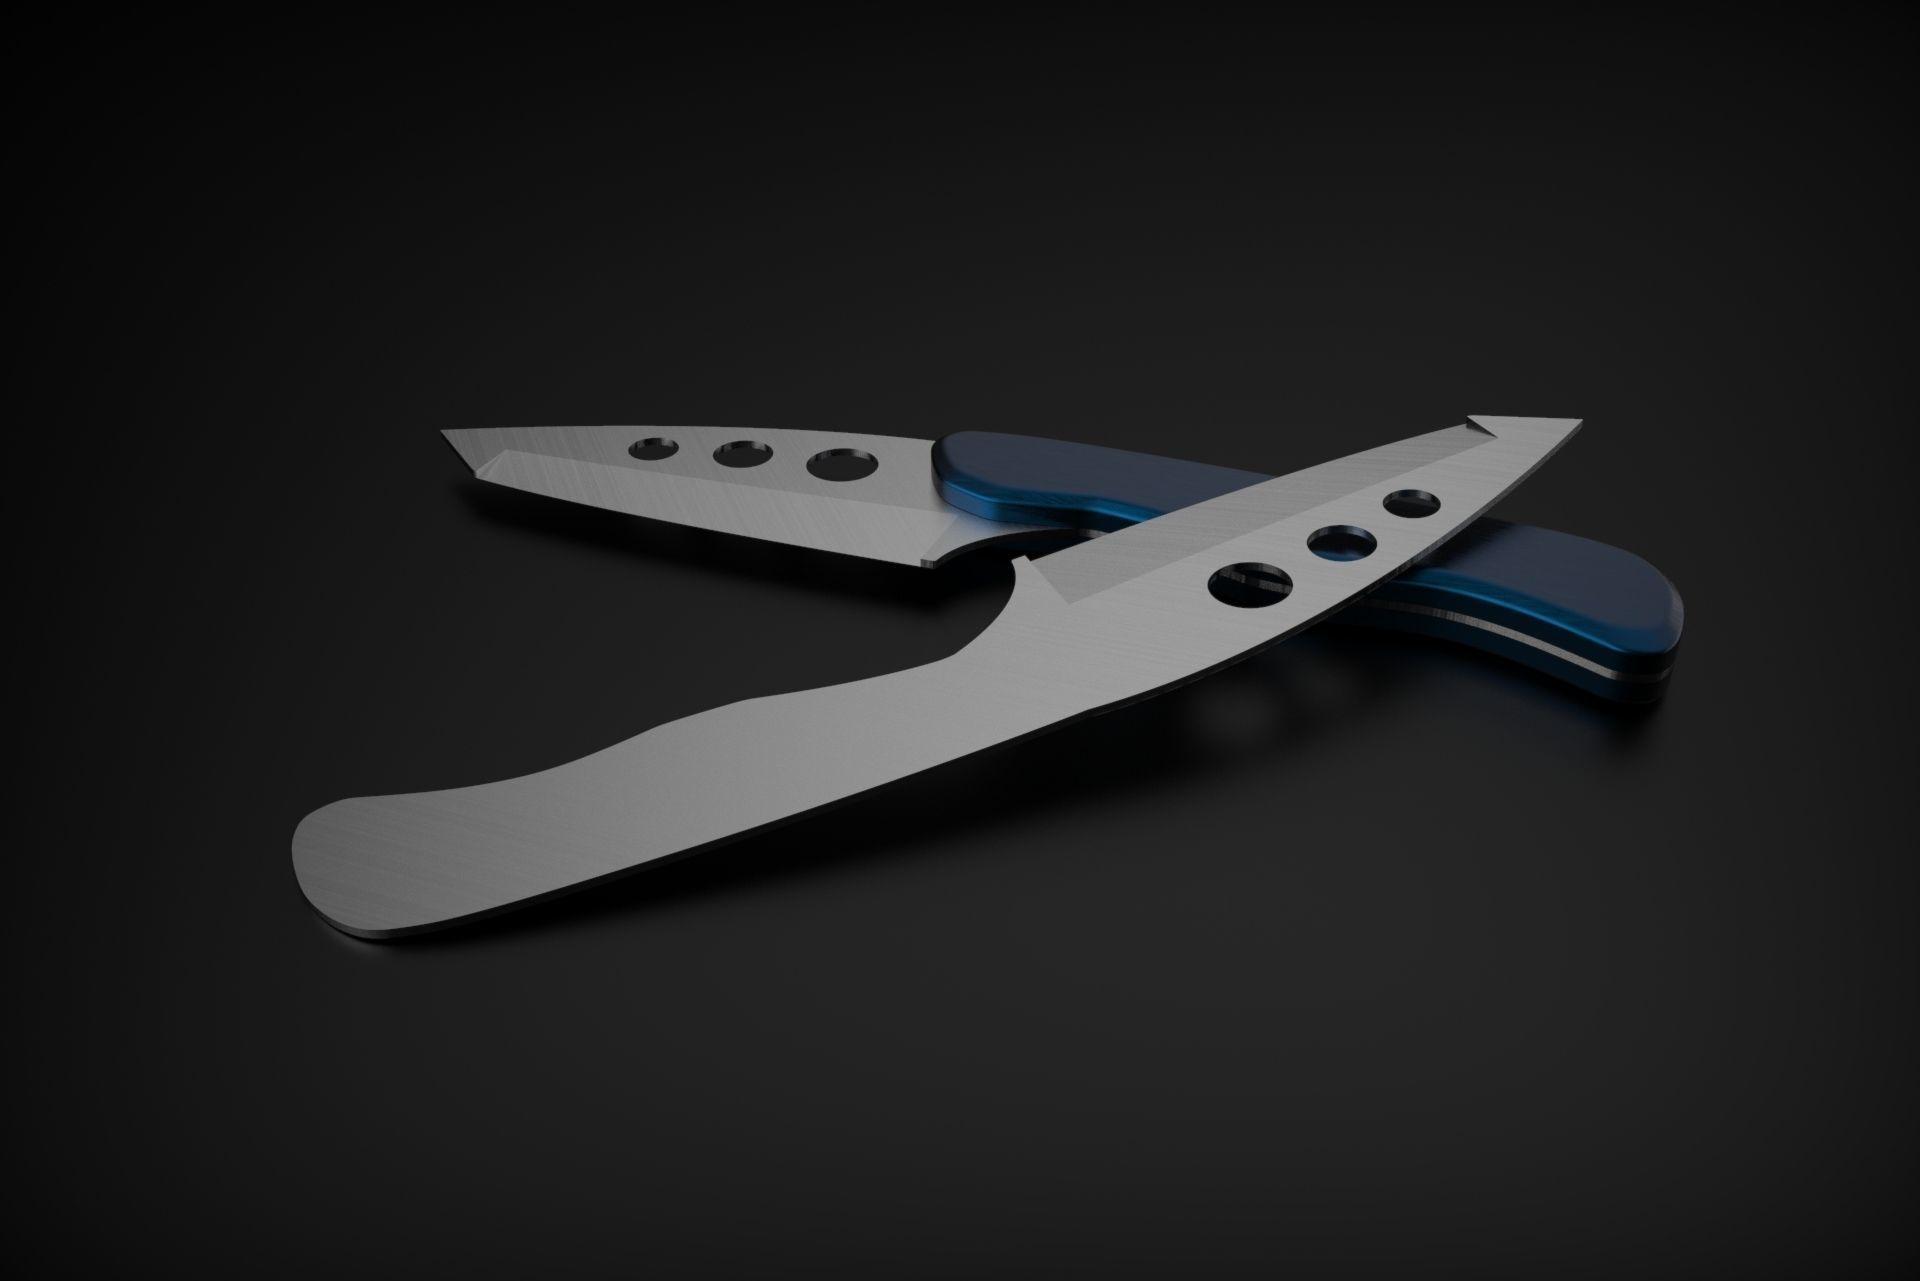 Shark-Knives